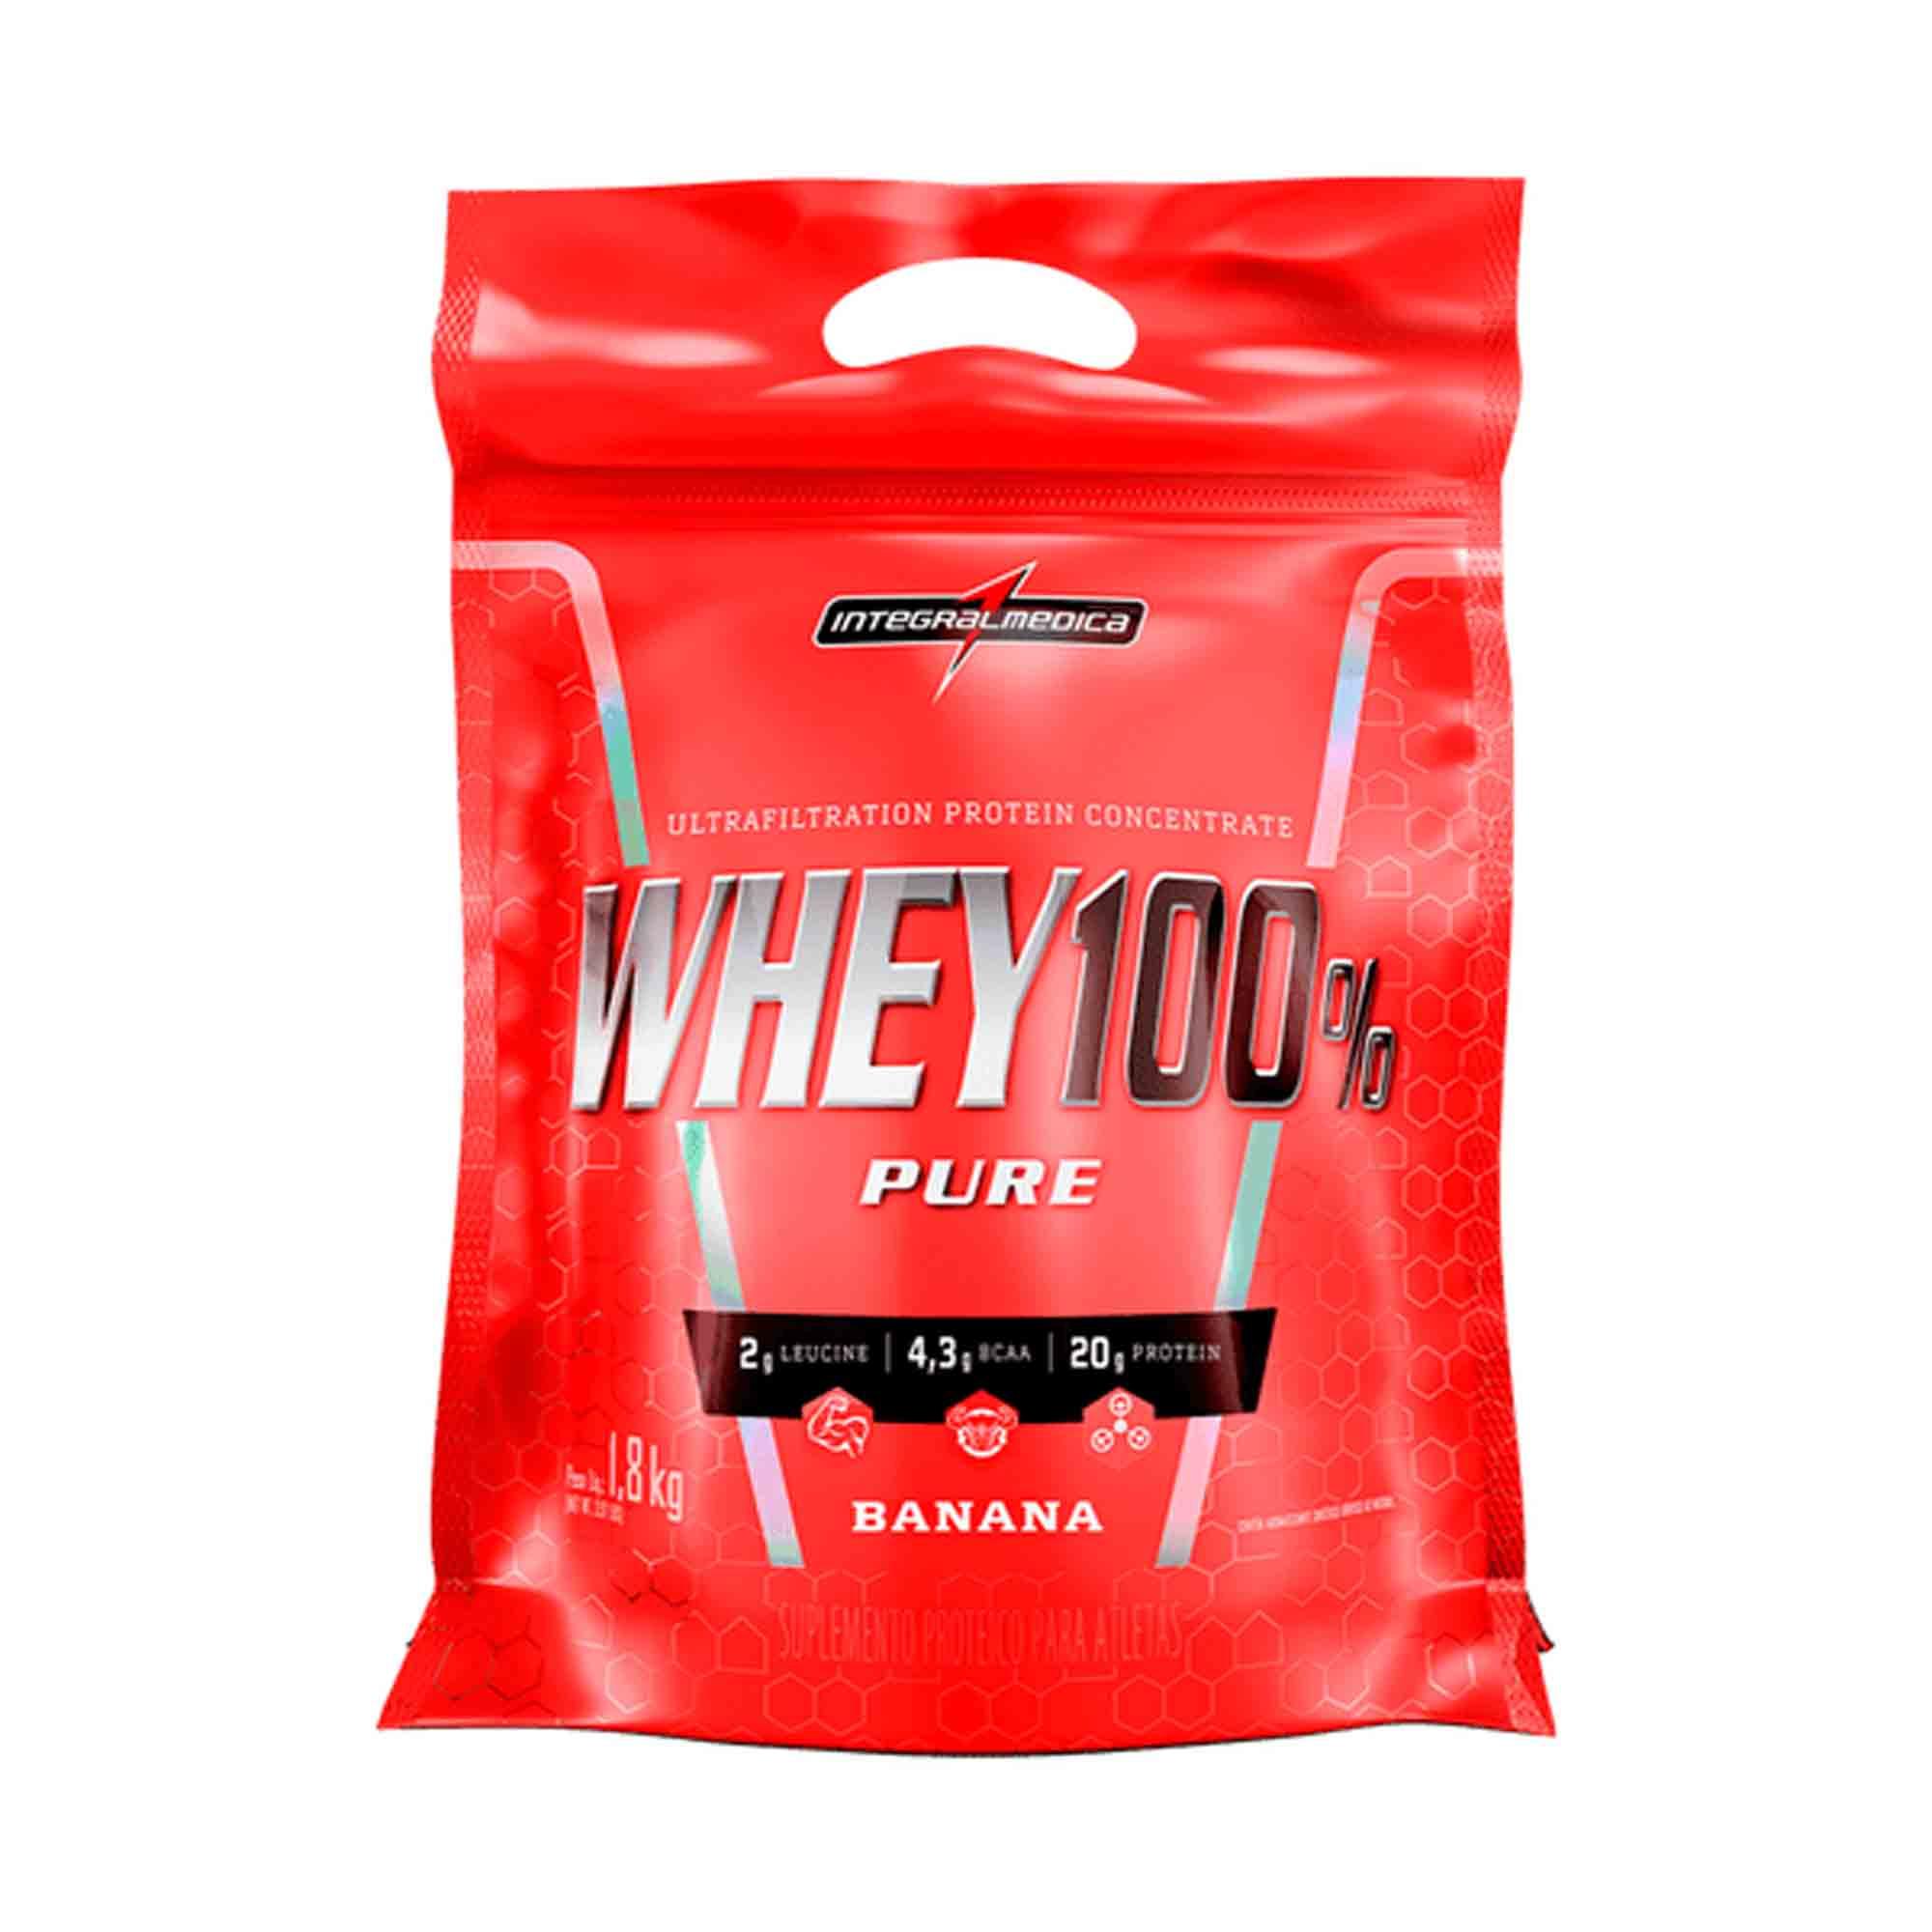 Whey 100% Pure Banana 907g Integralmedica